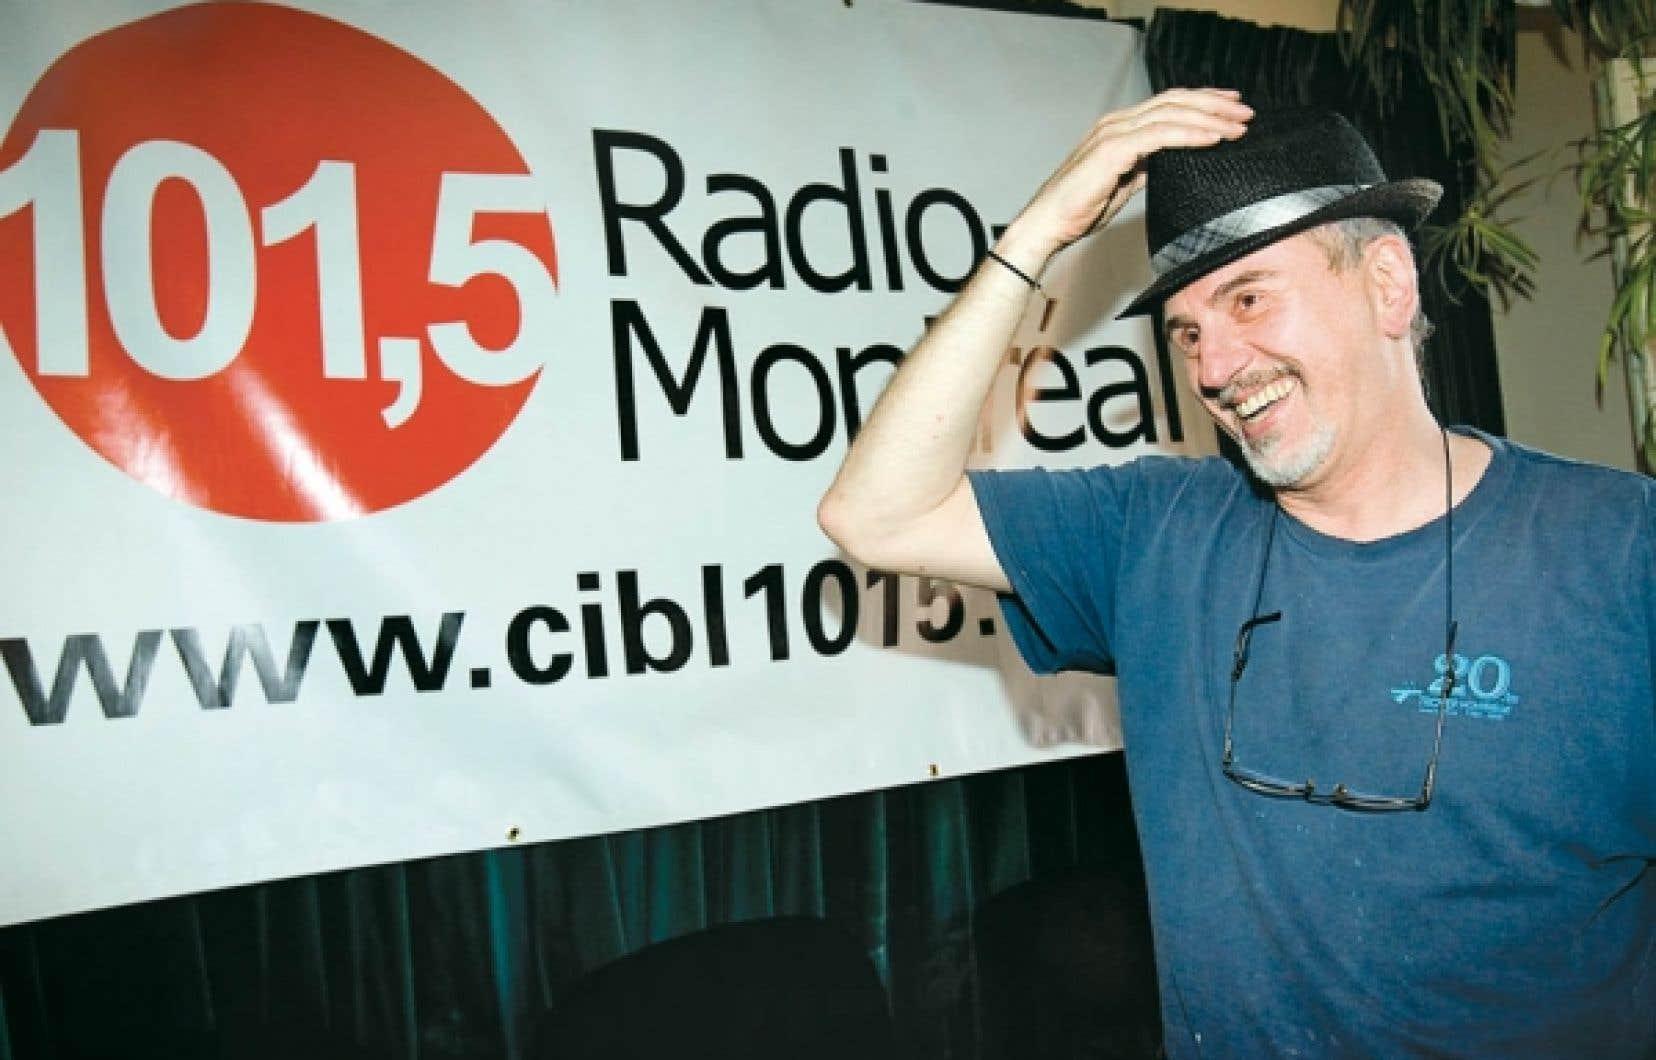 Serge Poirier, un bénévole de longue date de la station communautaire CIBL, qui célèbre ses 30 ans.